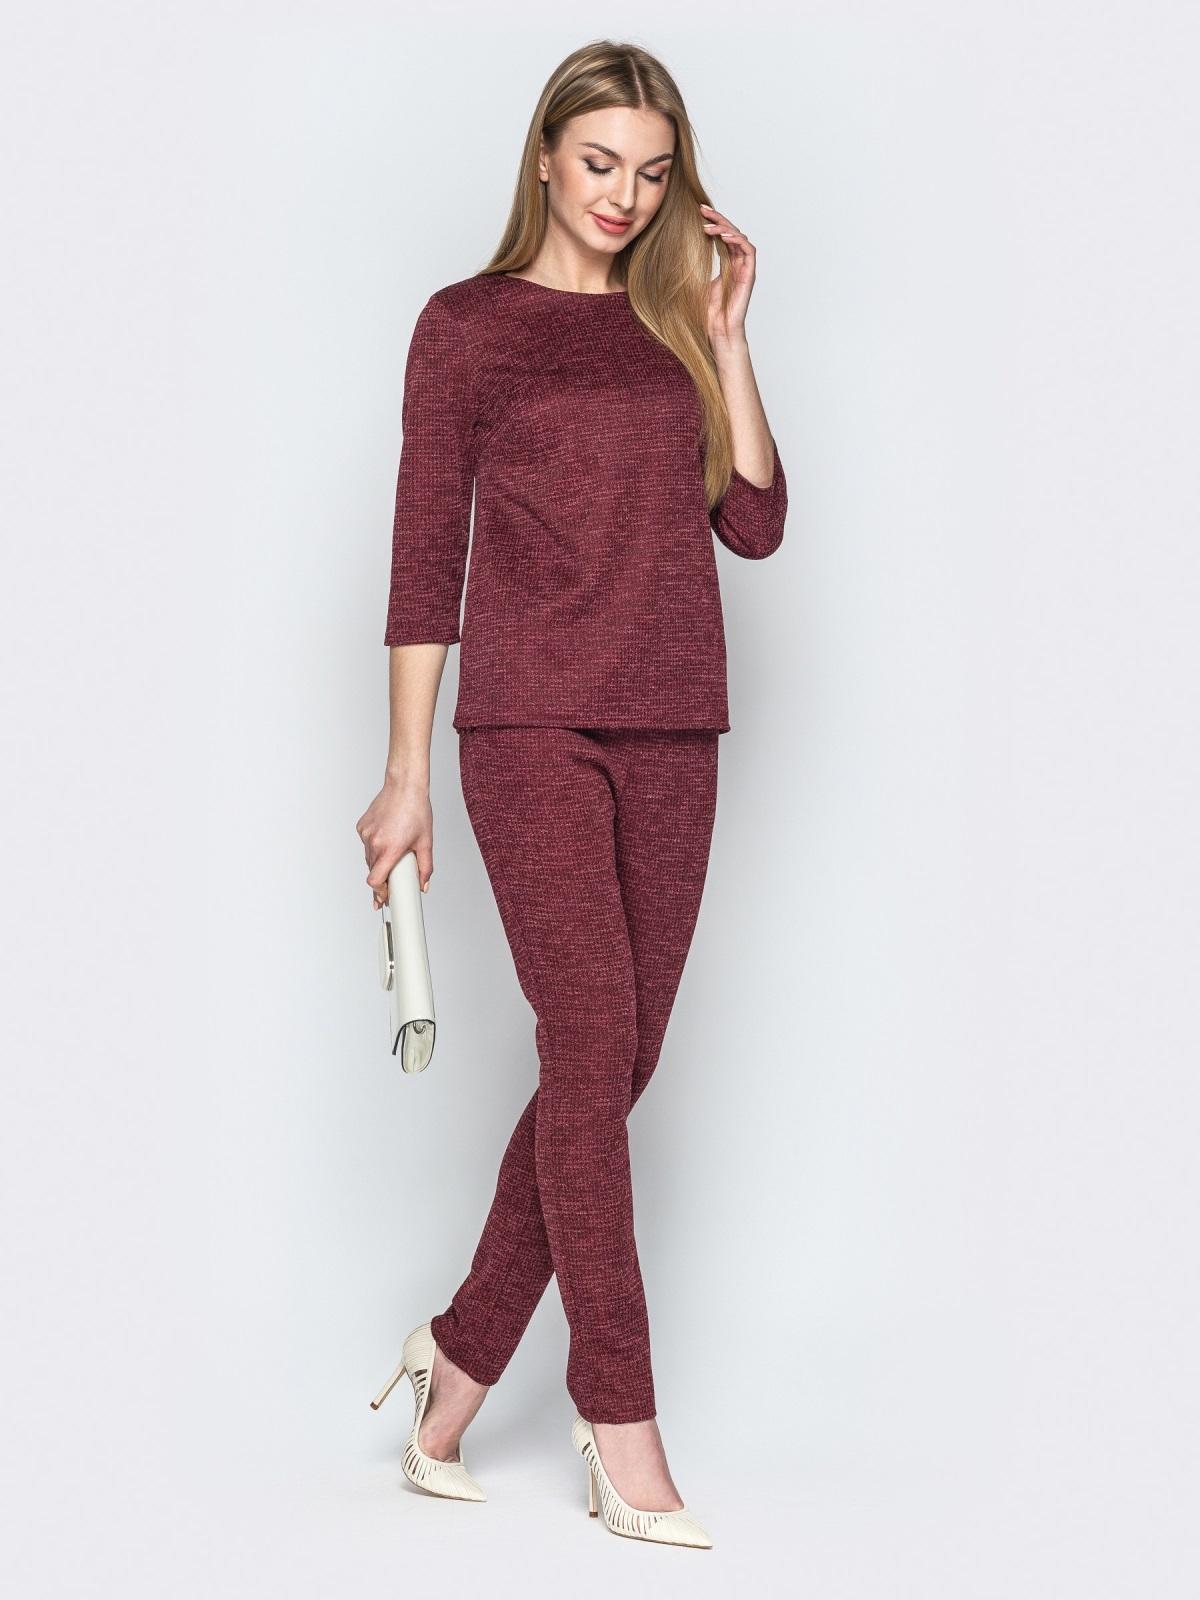 Брючный комплект из фактурного трикотажа бордовый - 21184, фото 1 – интернет-магазин Dressa